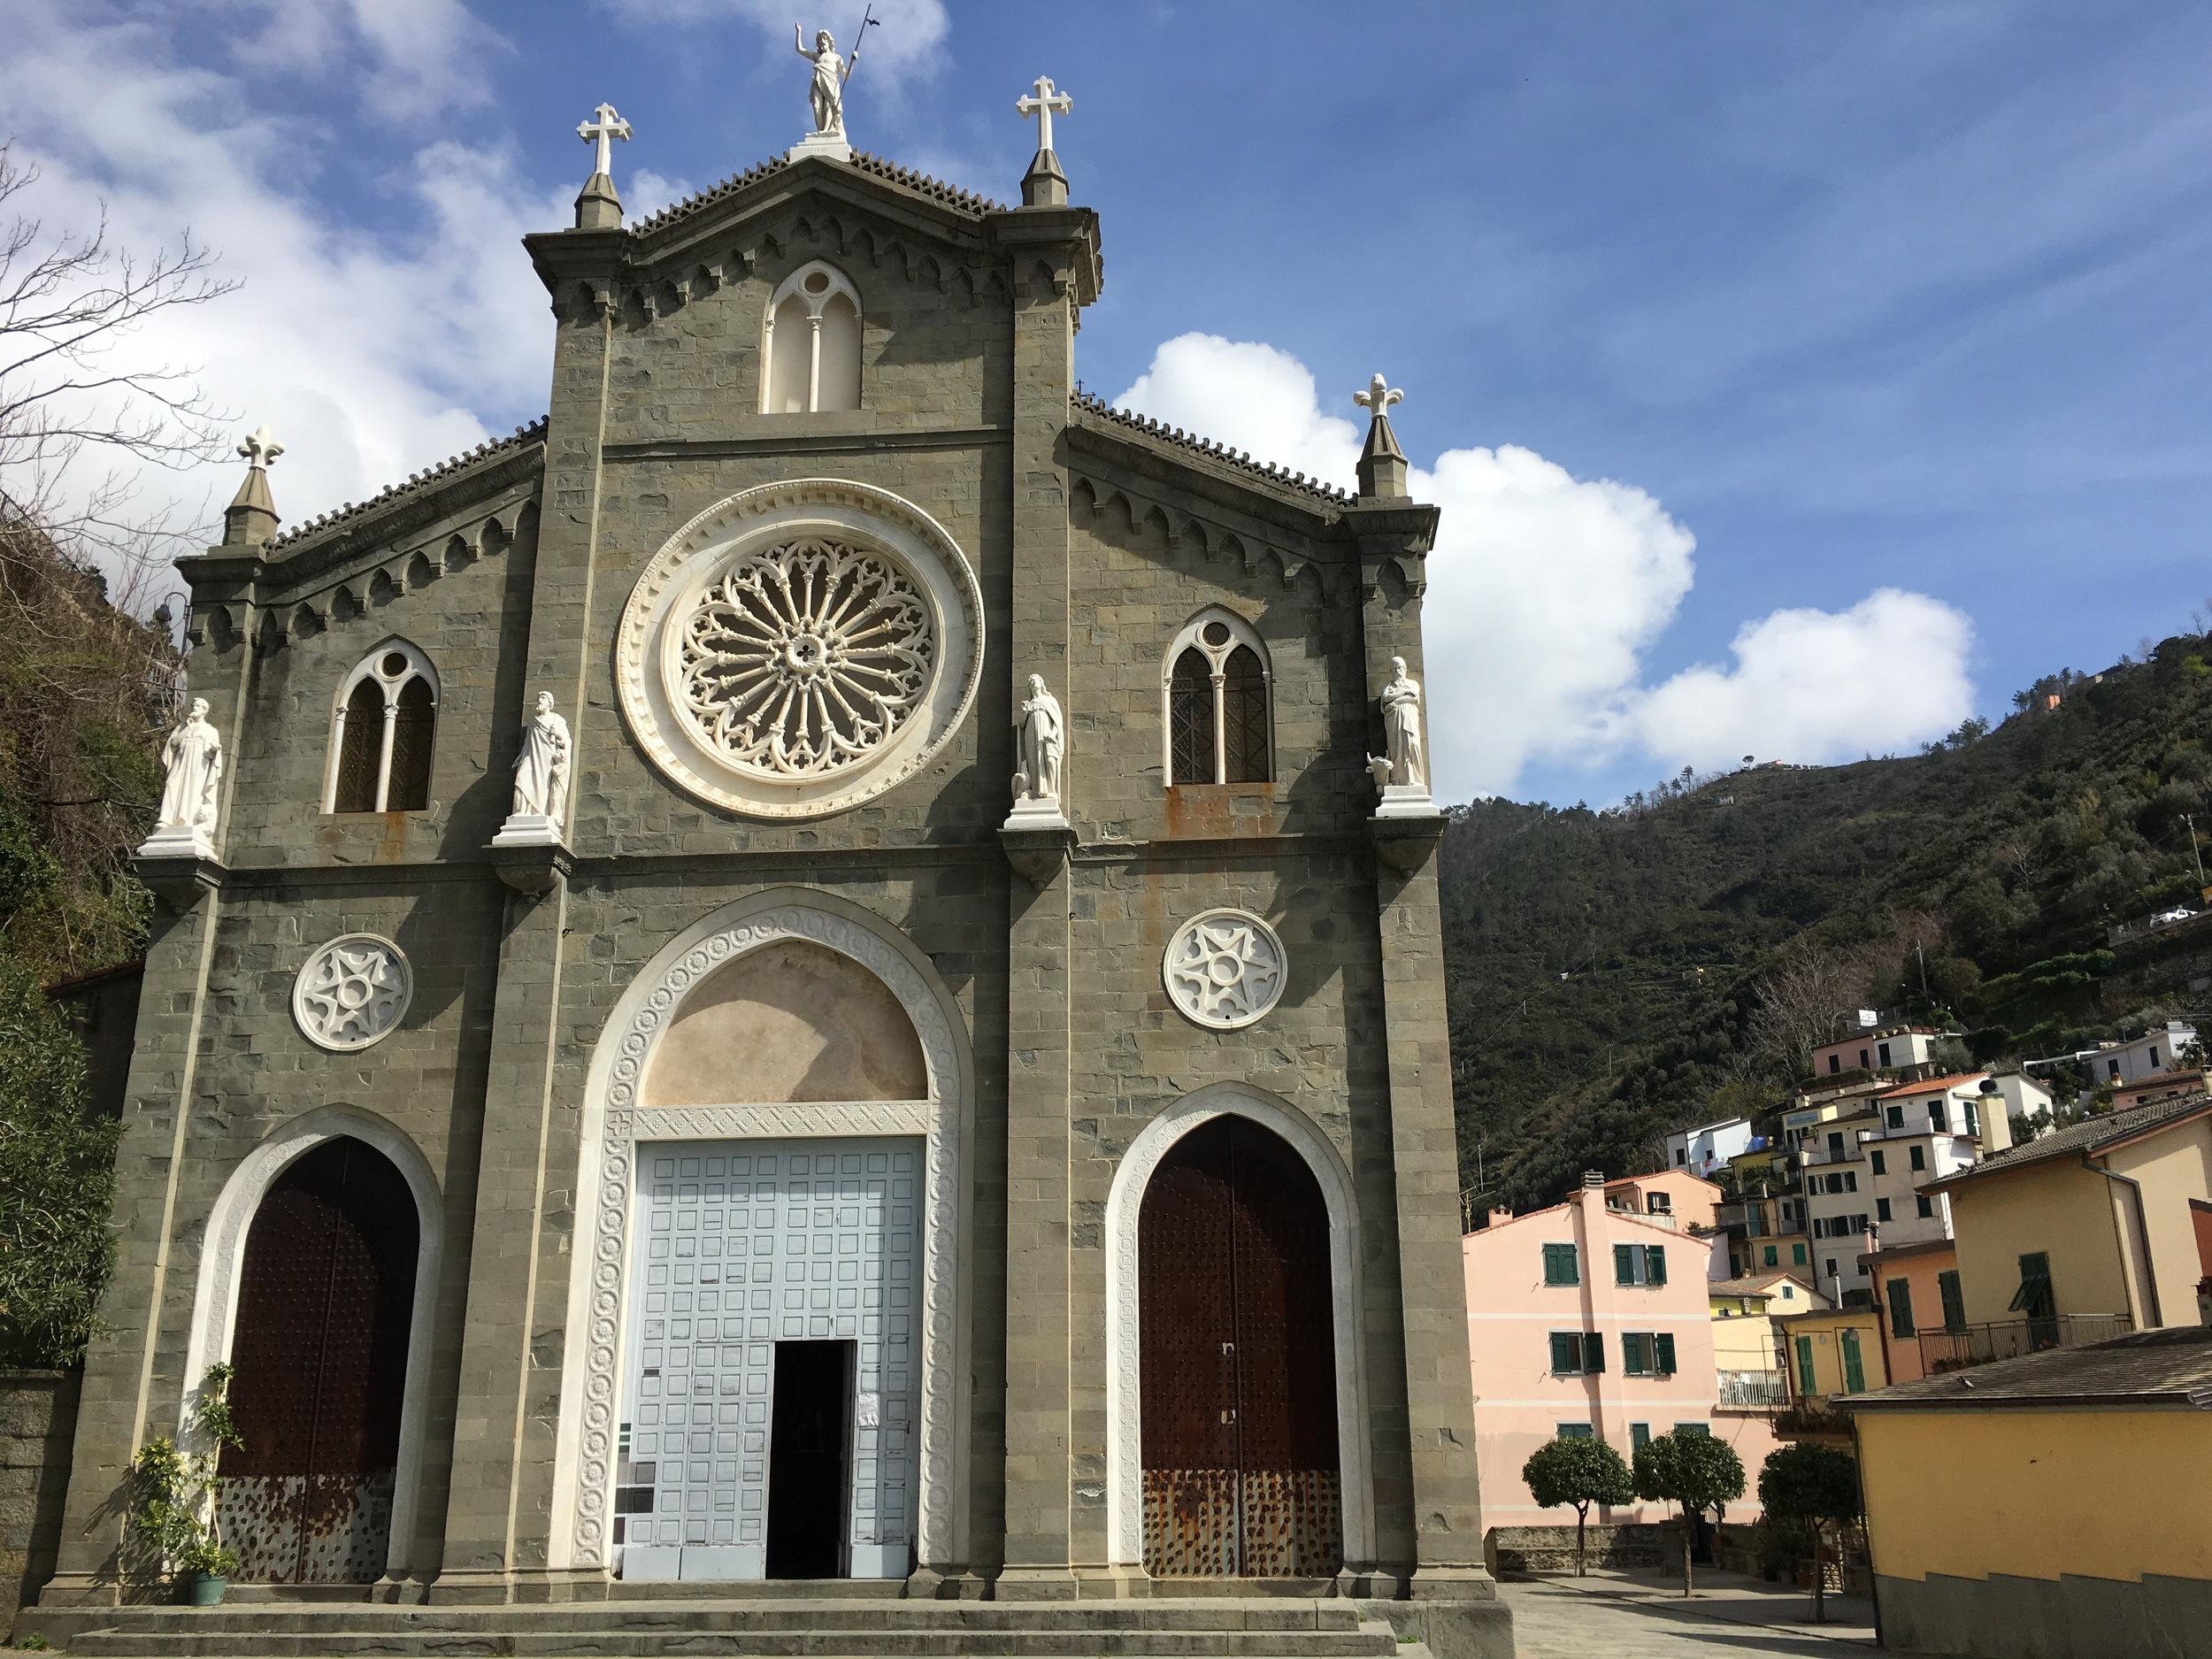 The church in Riomaggiore